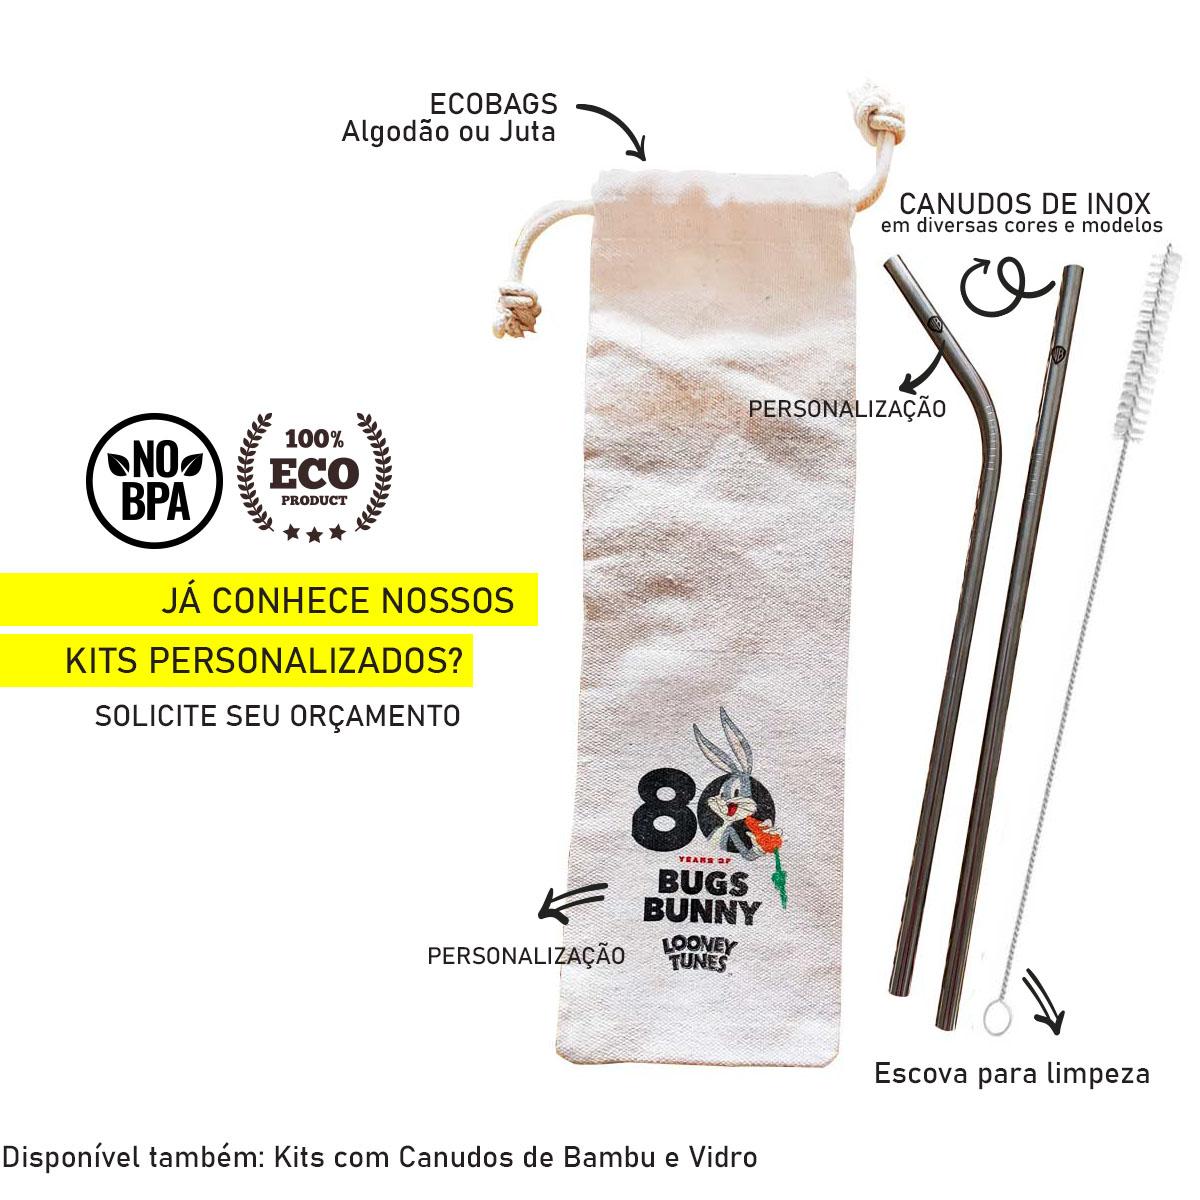 Kit 5 em 1-3 Canudos de Inox + Escova + Ecobag (Shake 8mm) Rose Gold - Planet B